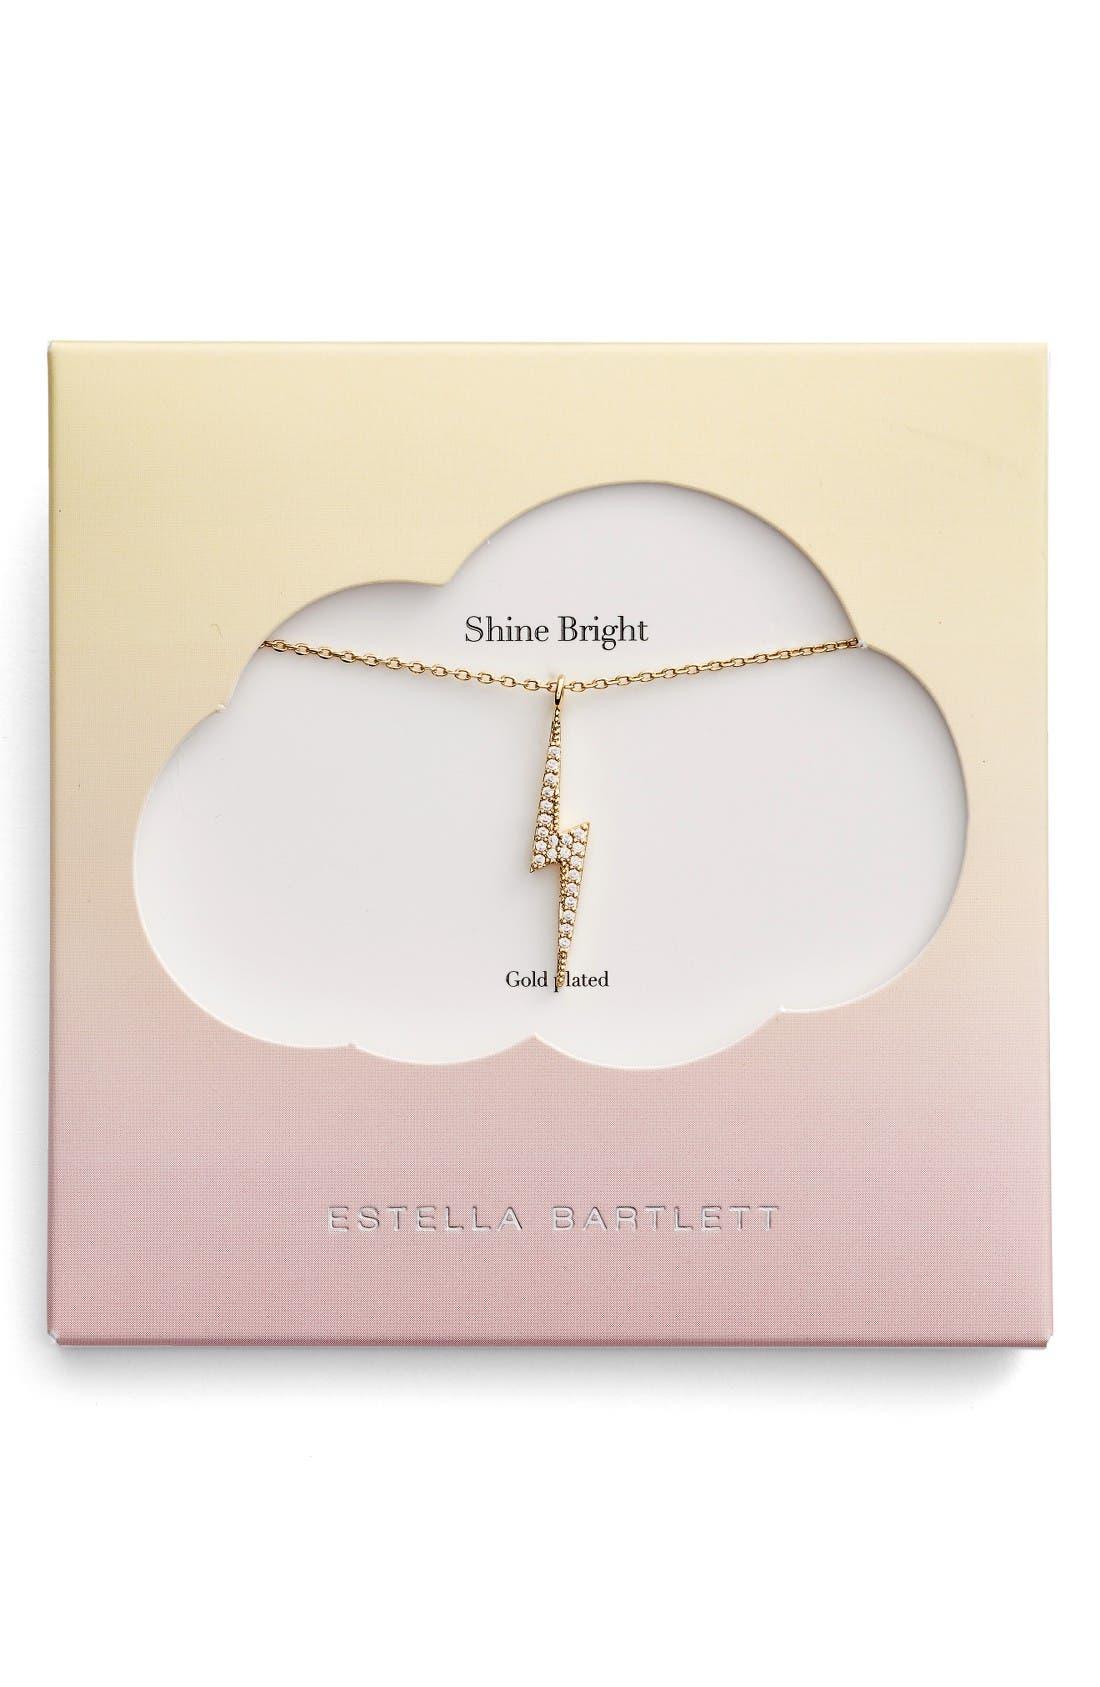 ESTELLA BARTLETT Shine Bright Lightening Bolt Necklace